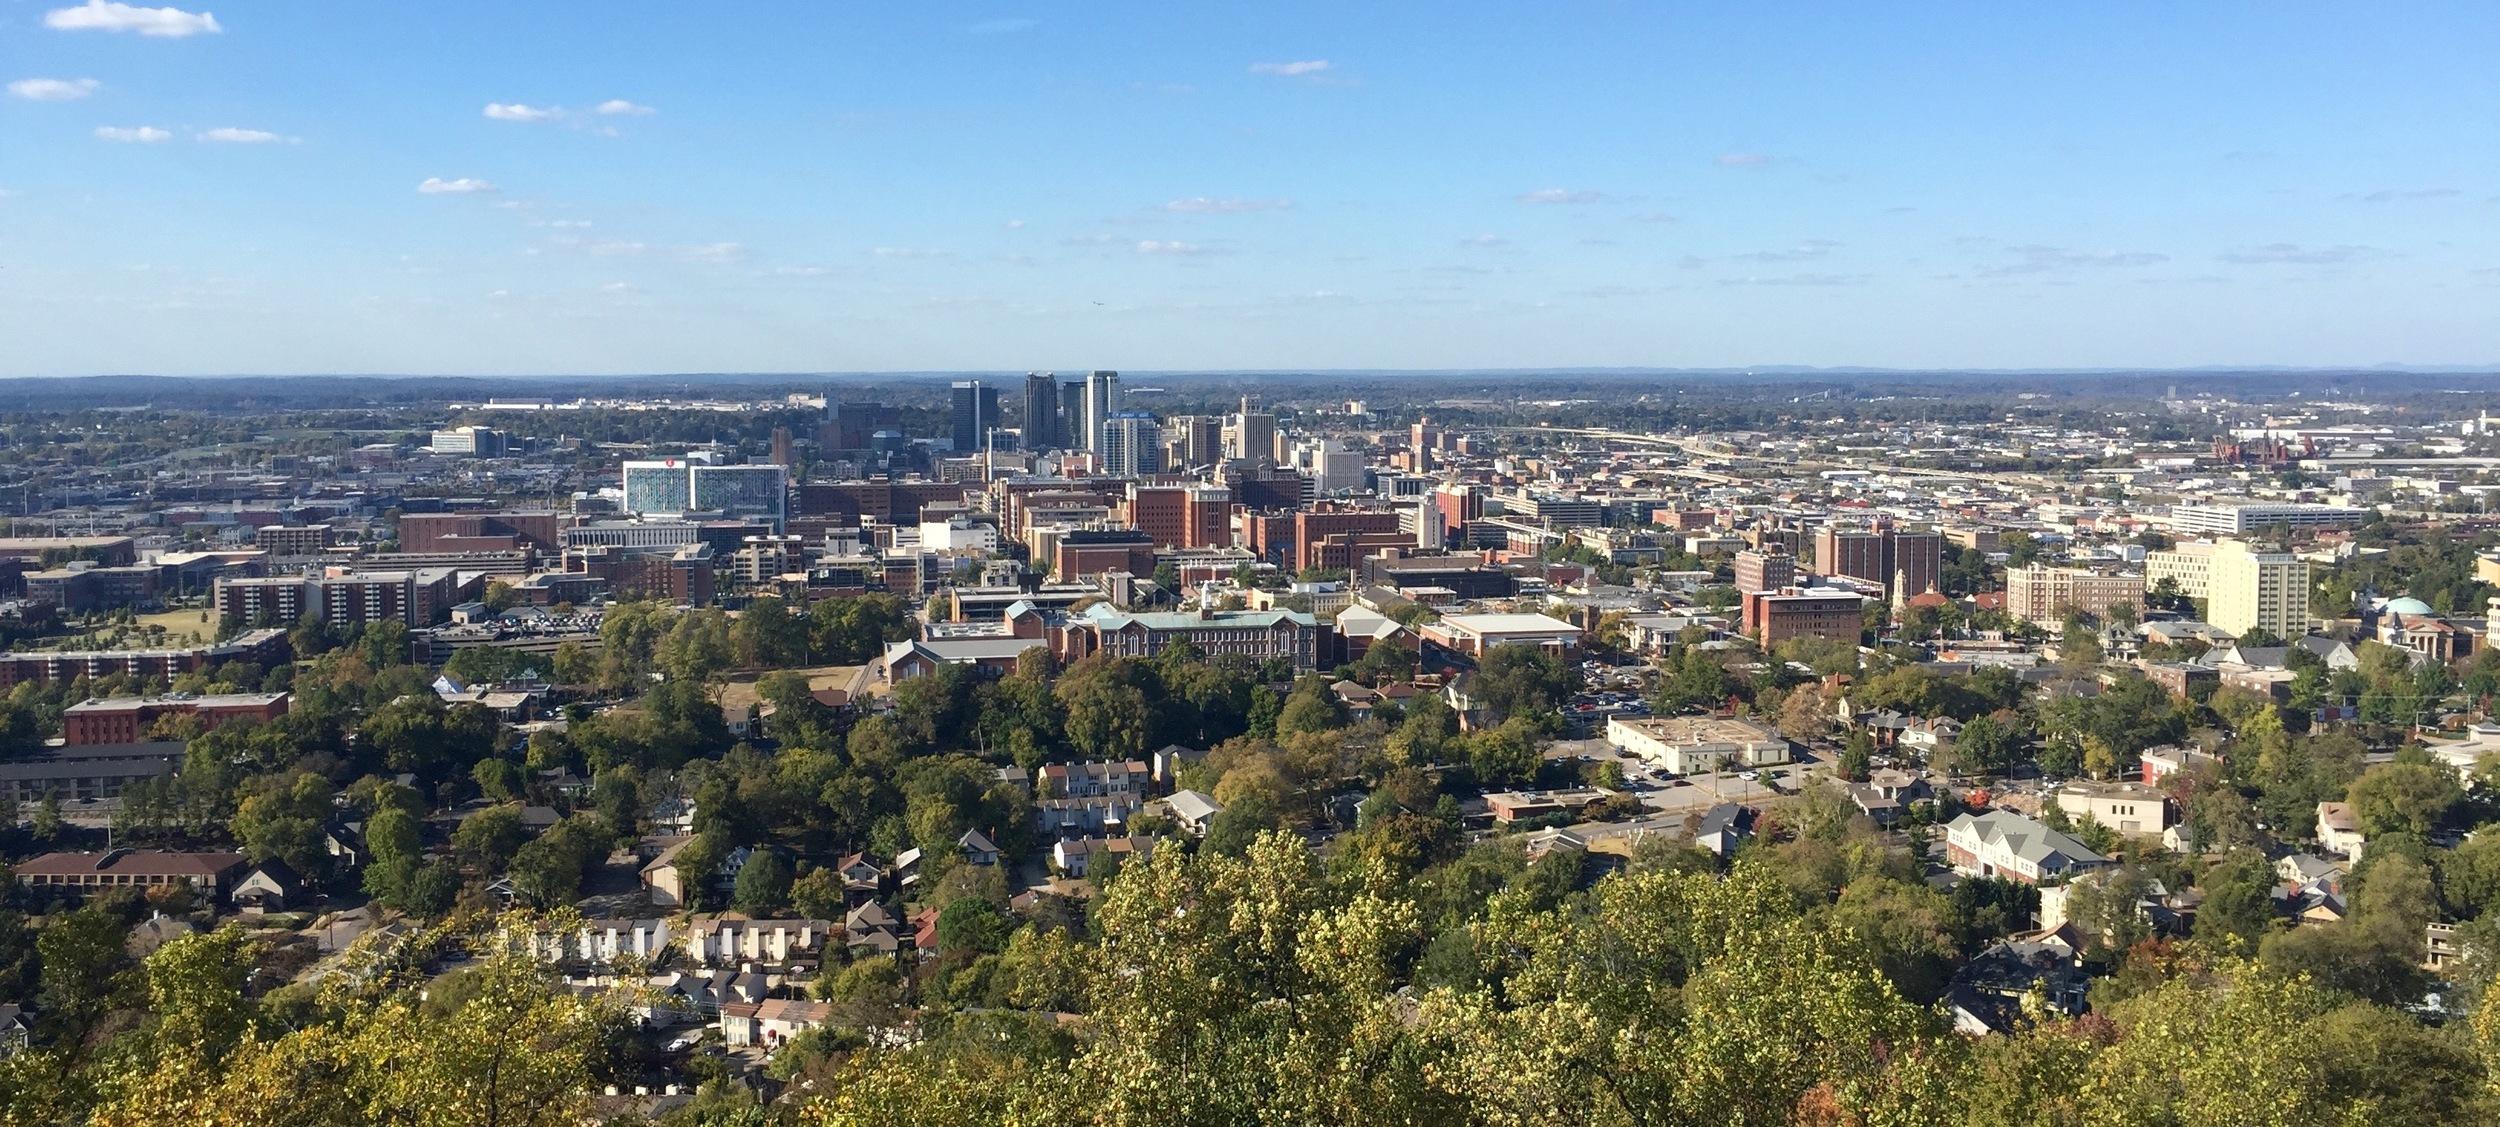 Birmingham Alabama Skyline.jpg